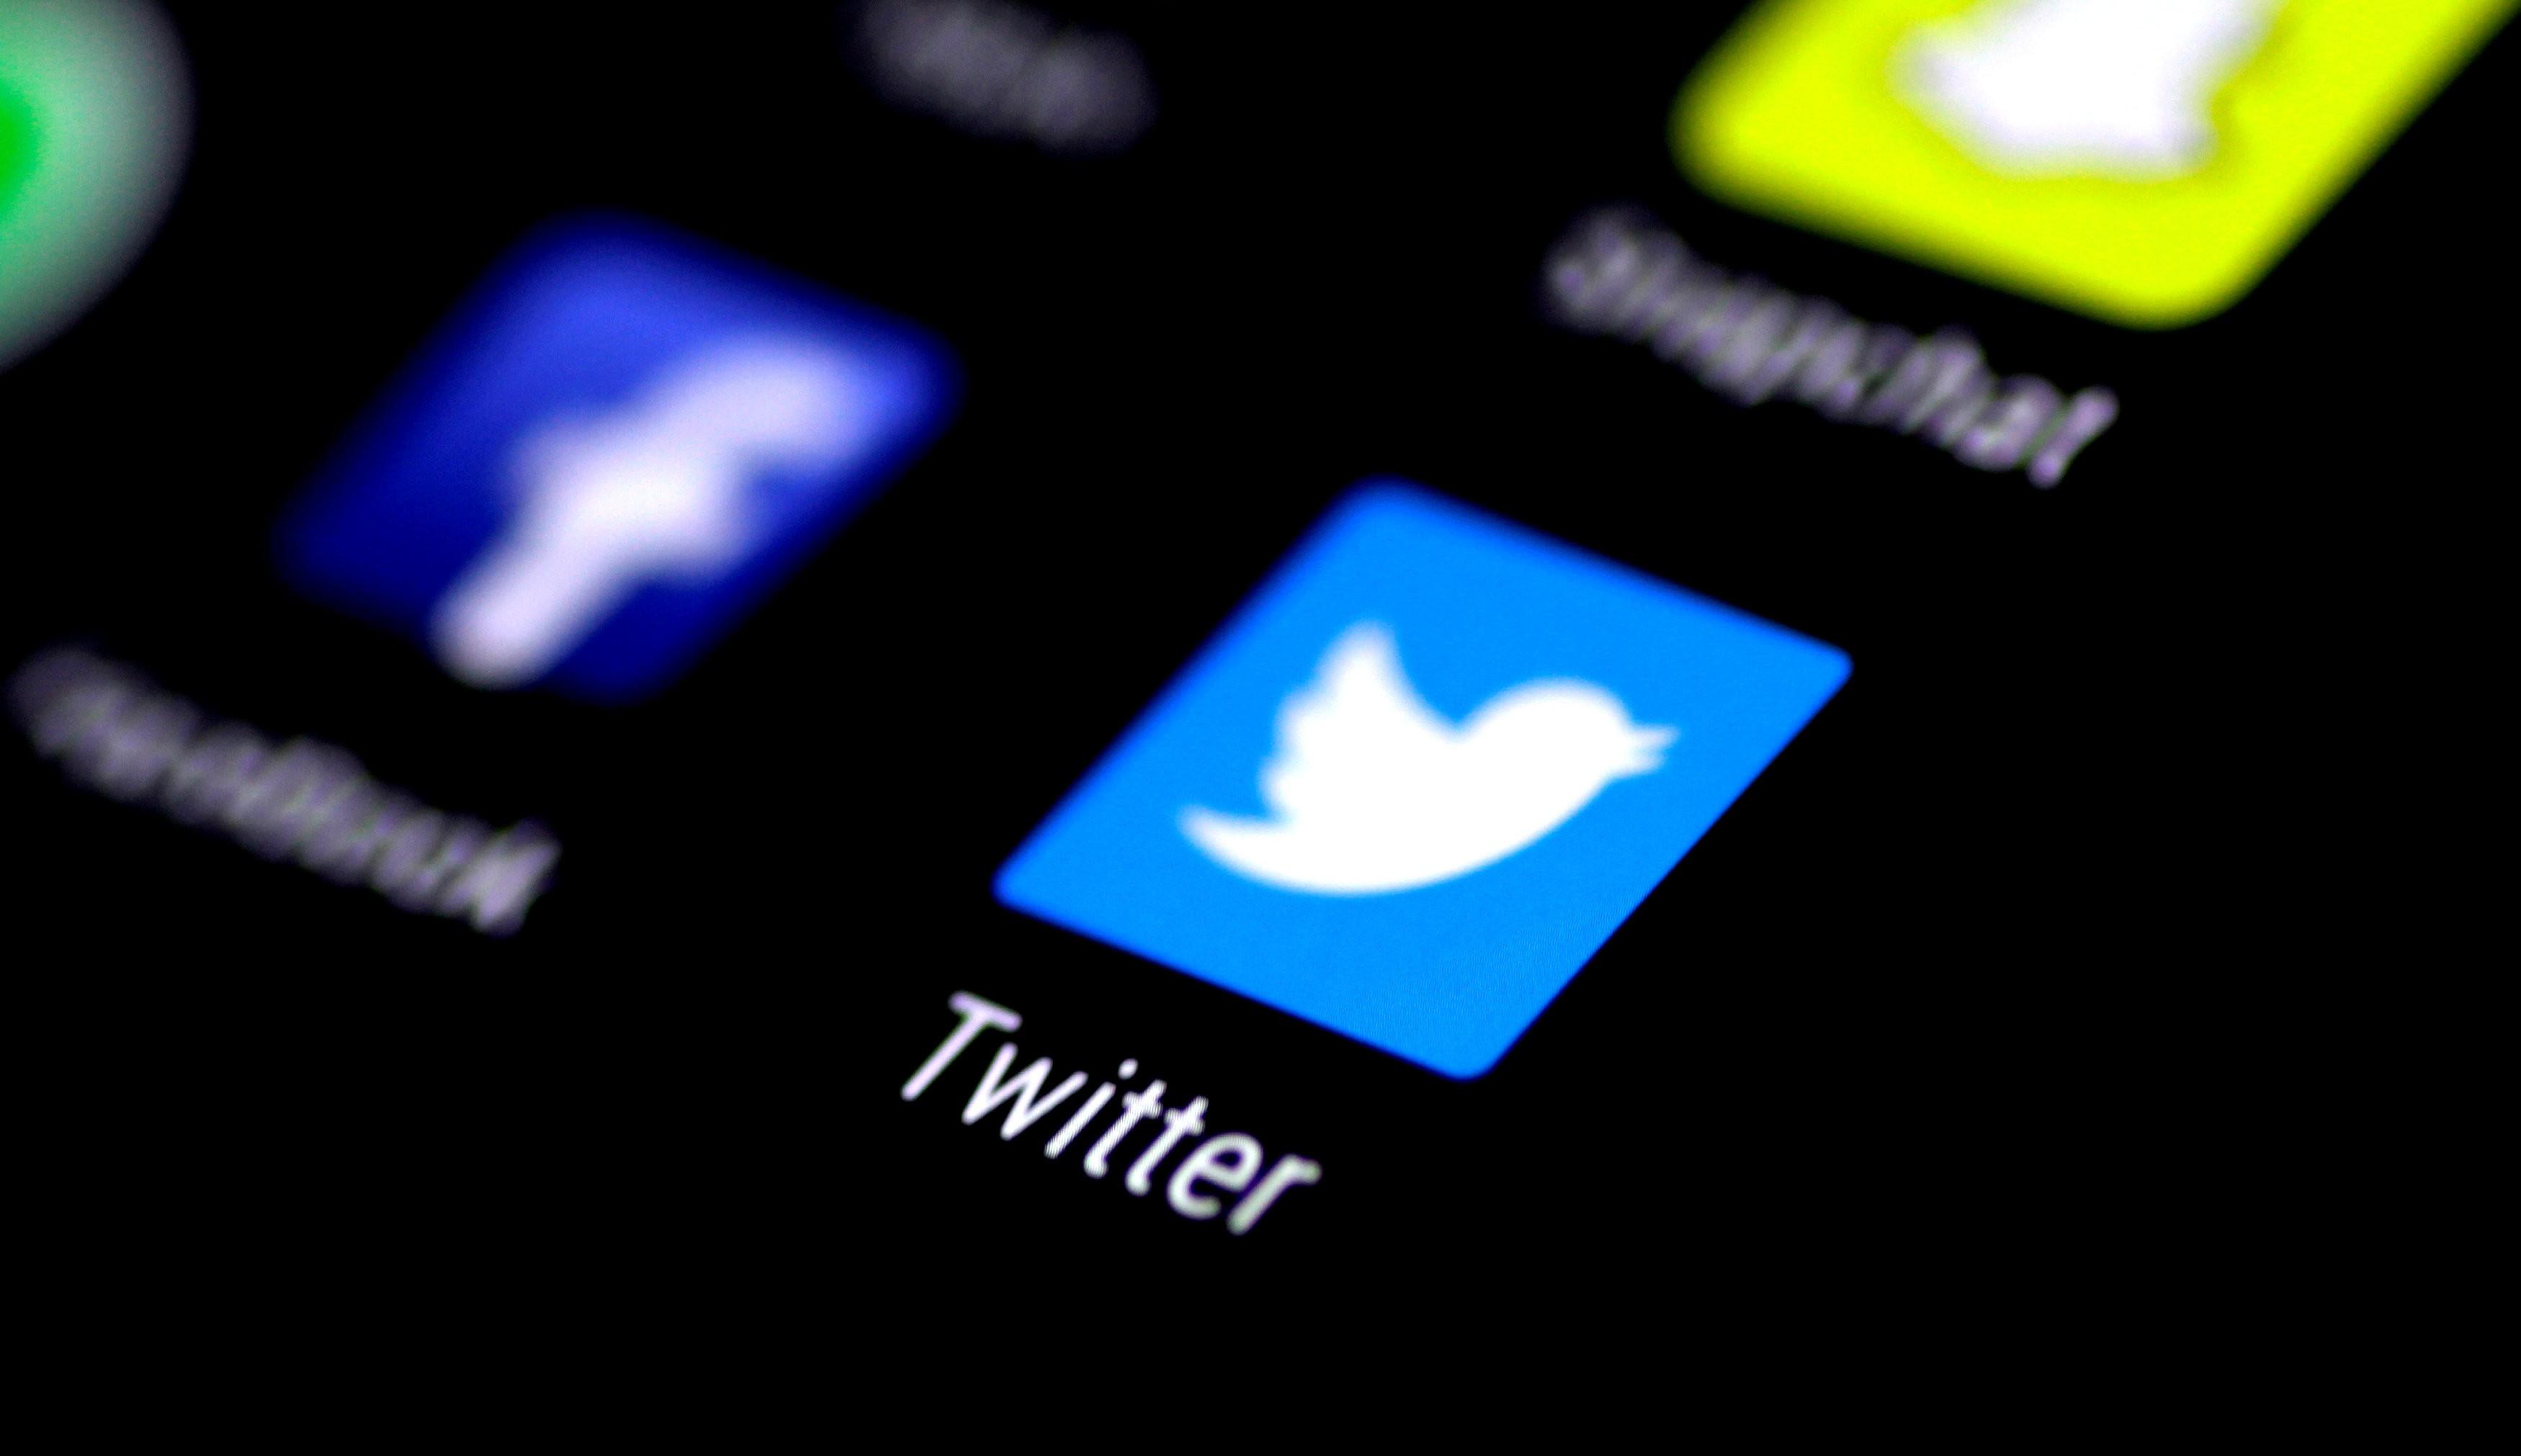 Twitter irá mostrar aviso quando as pessoas curtirem publicações rotuladas como enganosas